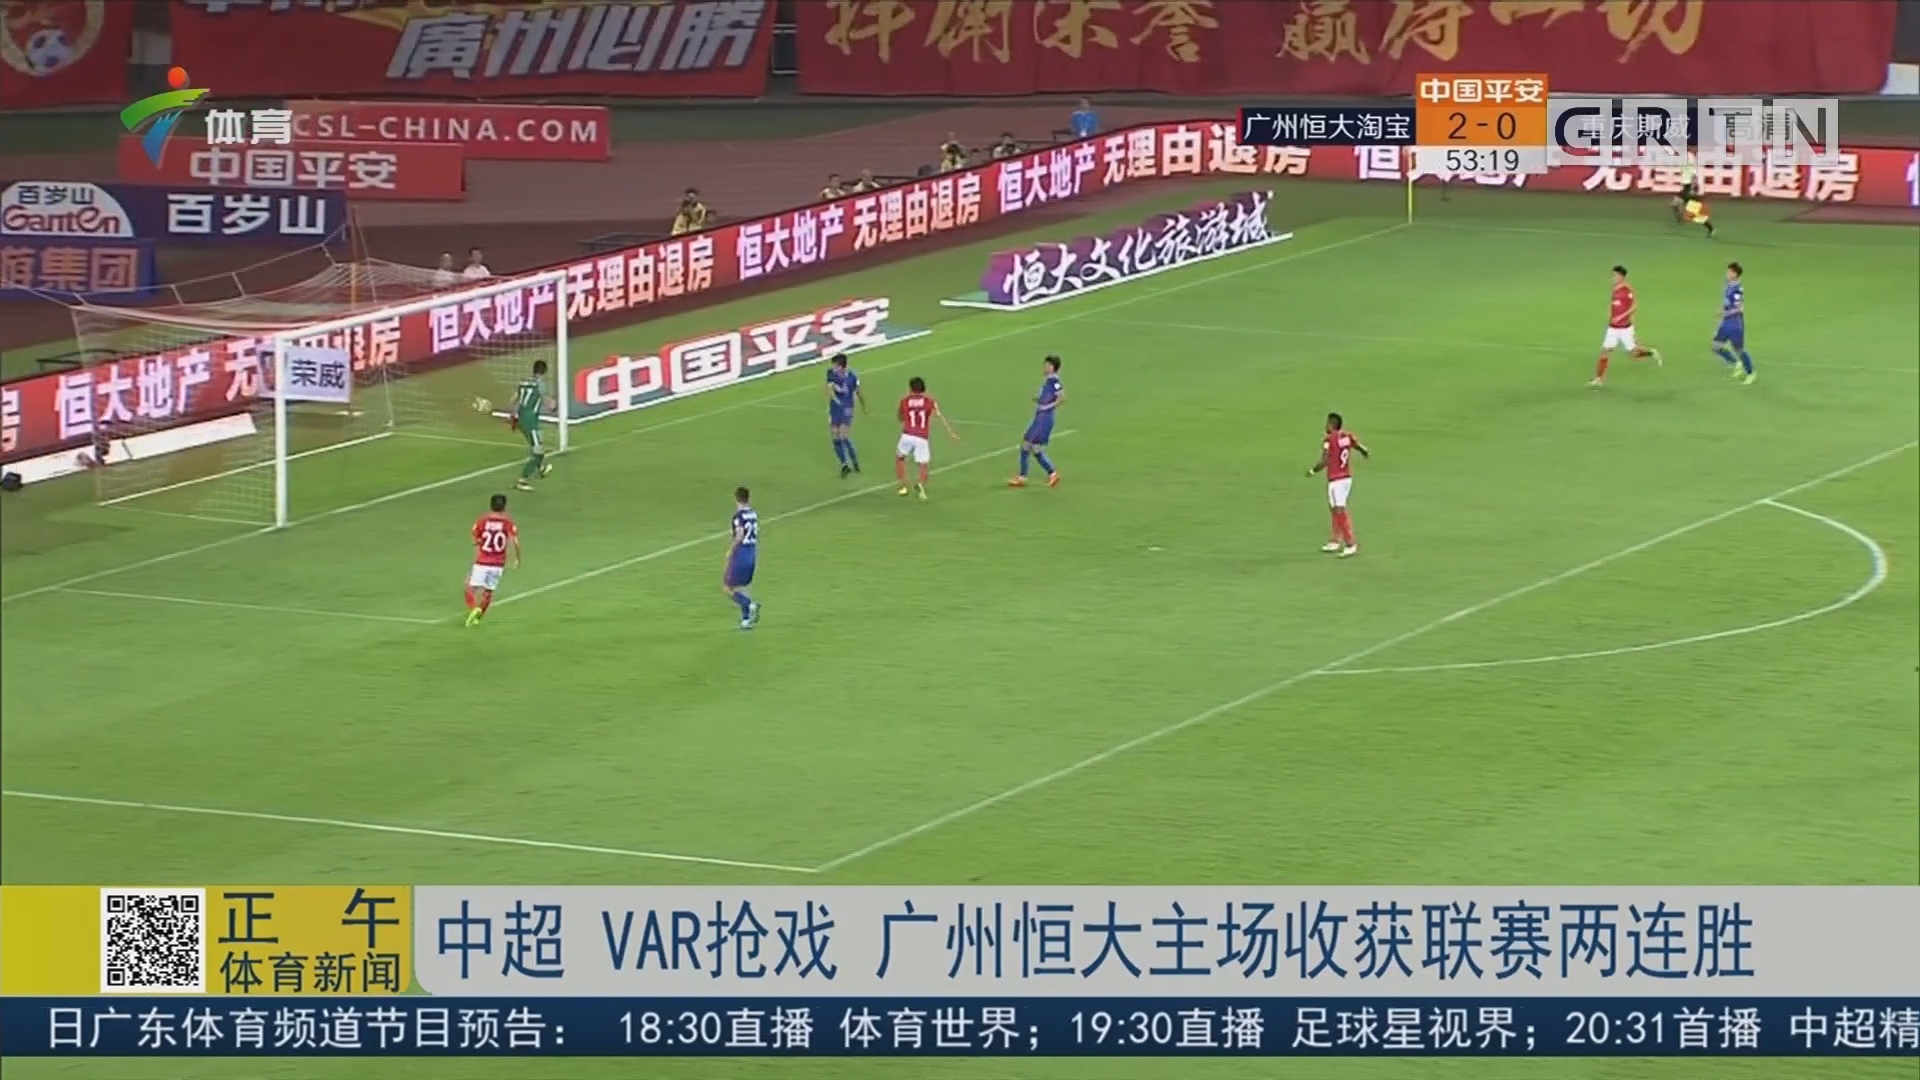 中超 VAR抢戏 广州恒大主场收获联赛两连胜